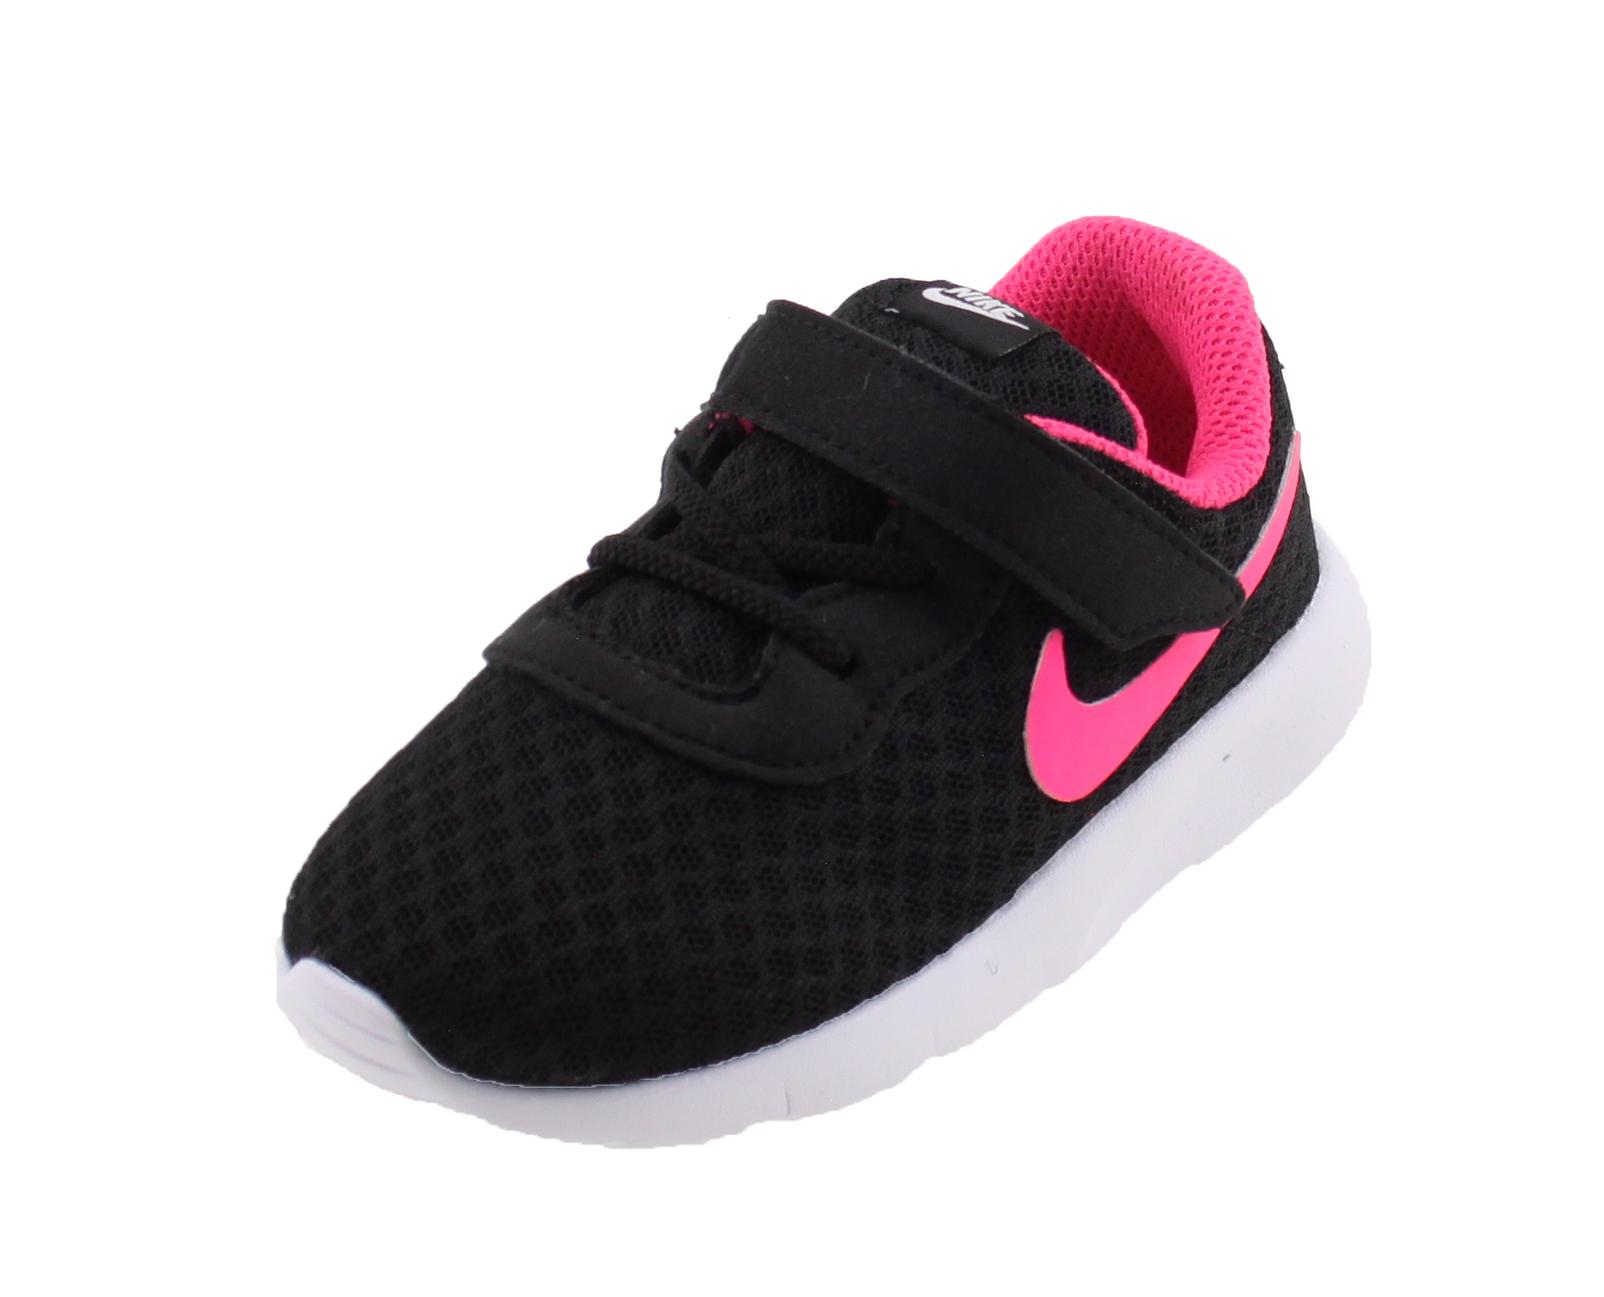 6b6290c8a52 Nike Tanjun ZWART/ROZE online kopen bij Sportpaleis.